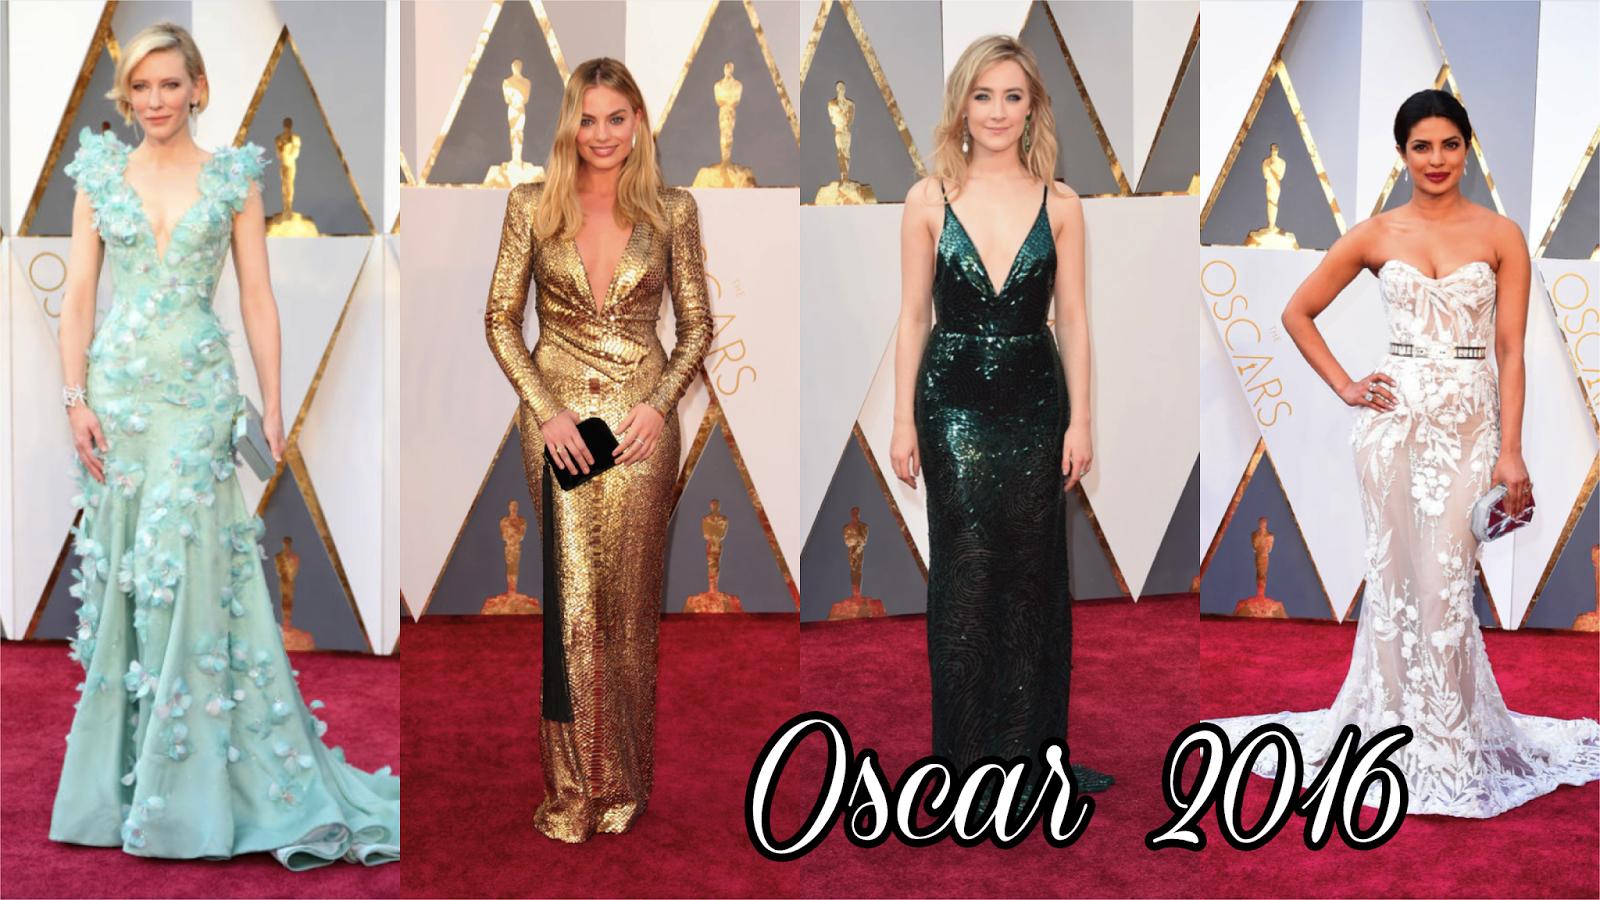 adc9dd93e7 Oscar-gála 2016 - 10 legszebb ruha | Breakfast at Fruh | Bloglovin'